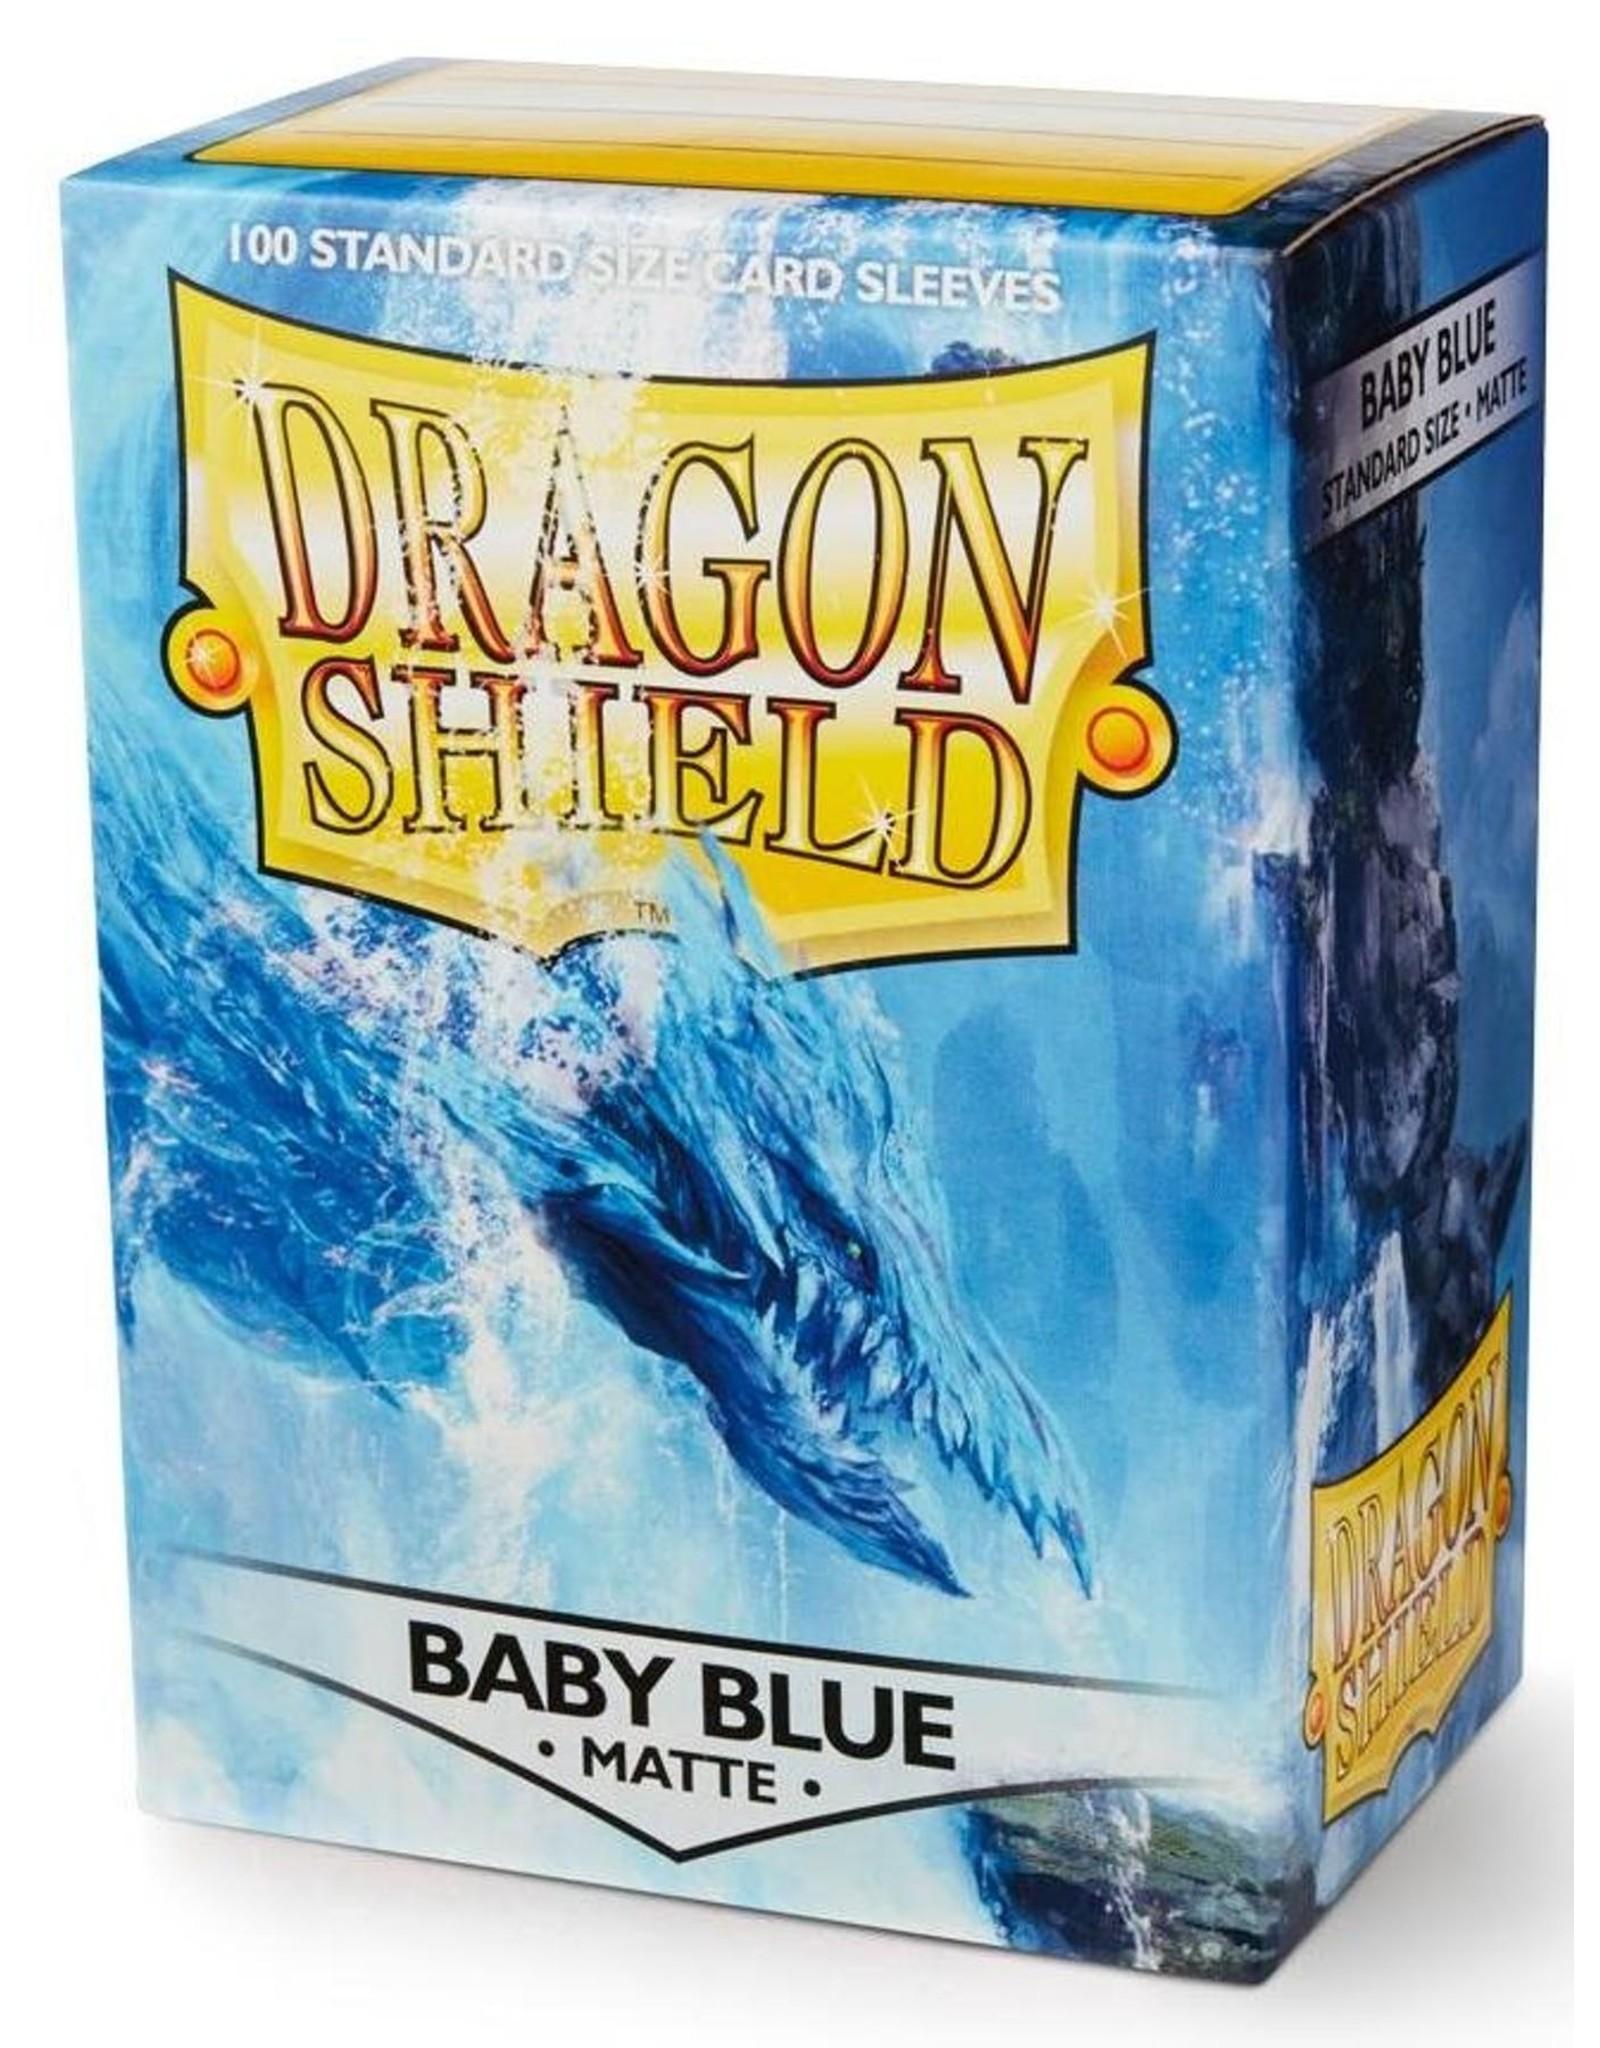 Dragon Shield Dragon Shield Matte Baby Blue 100ct